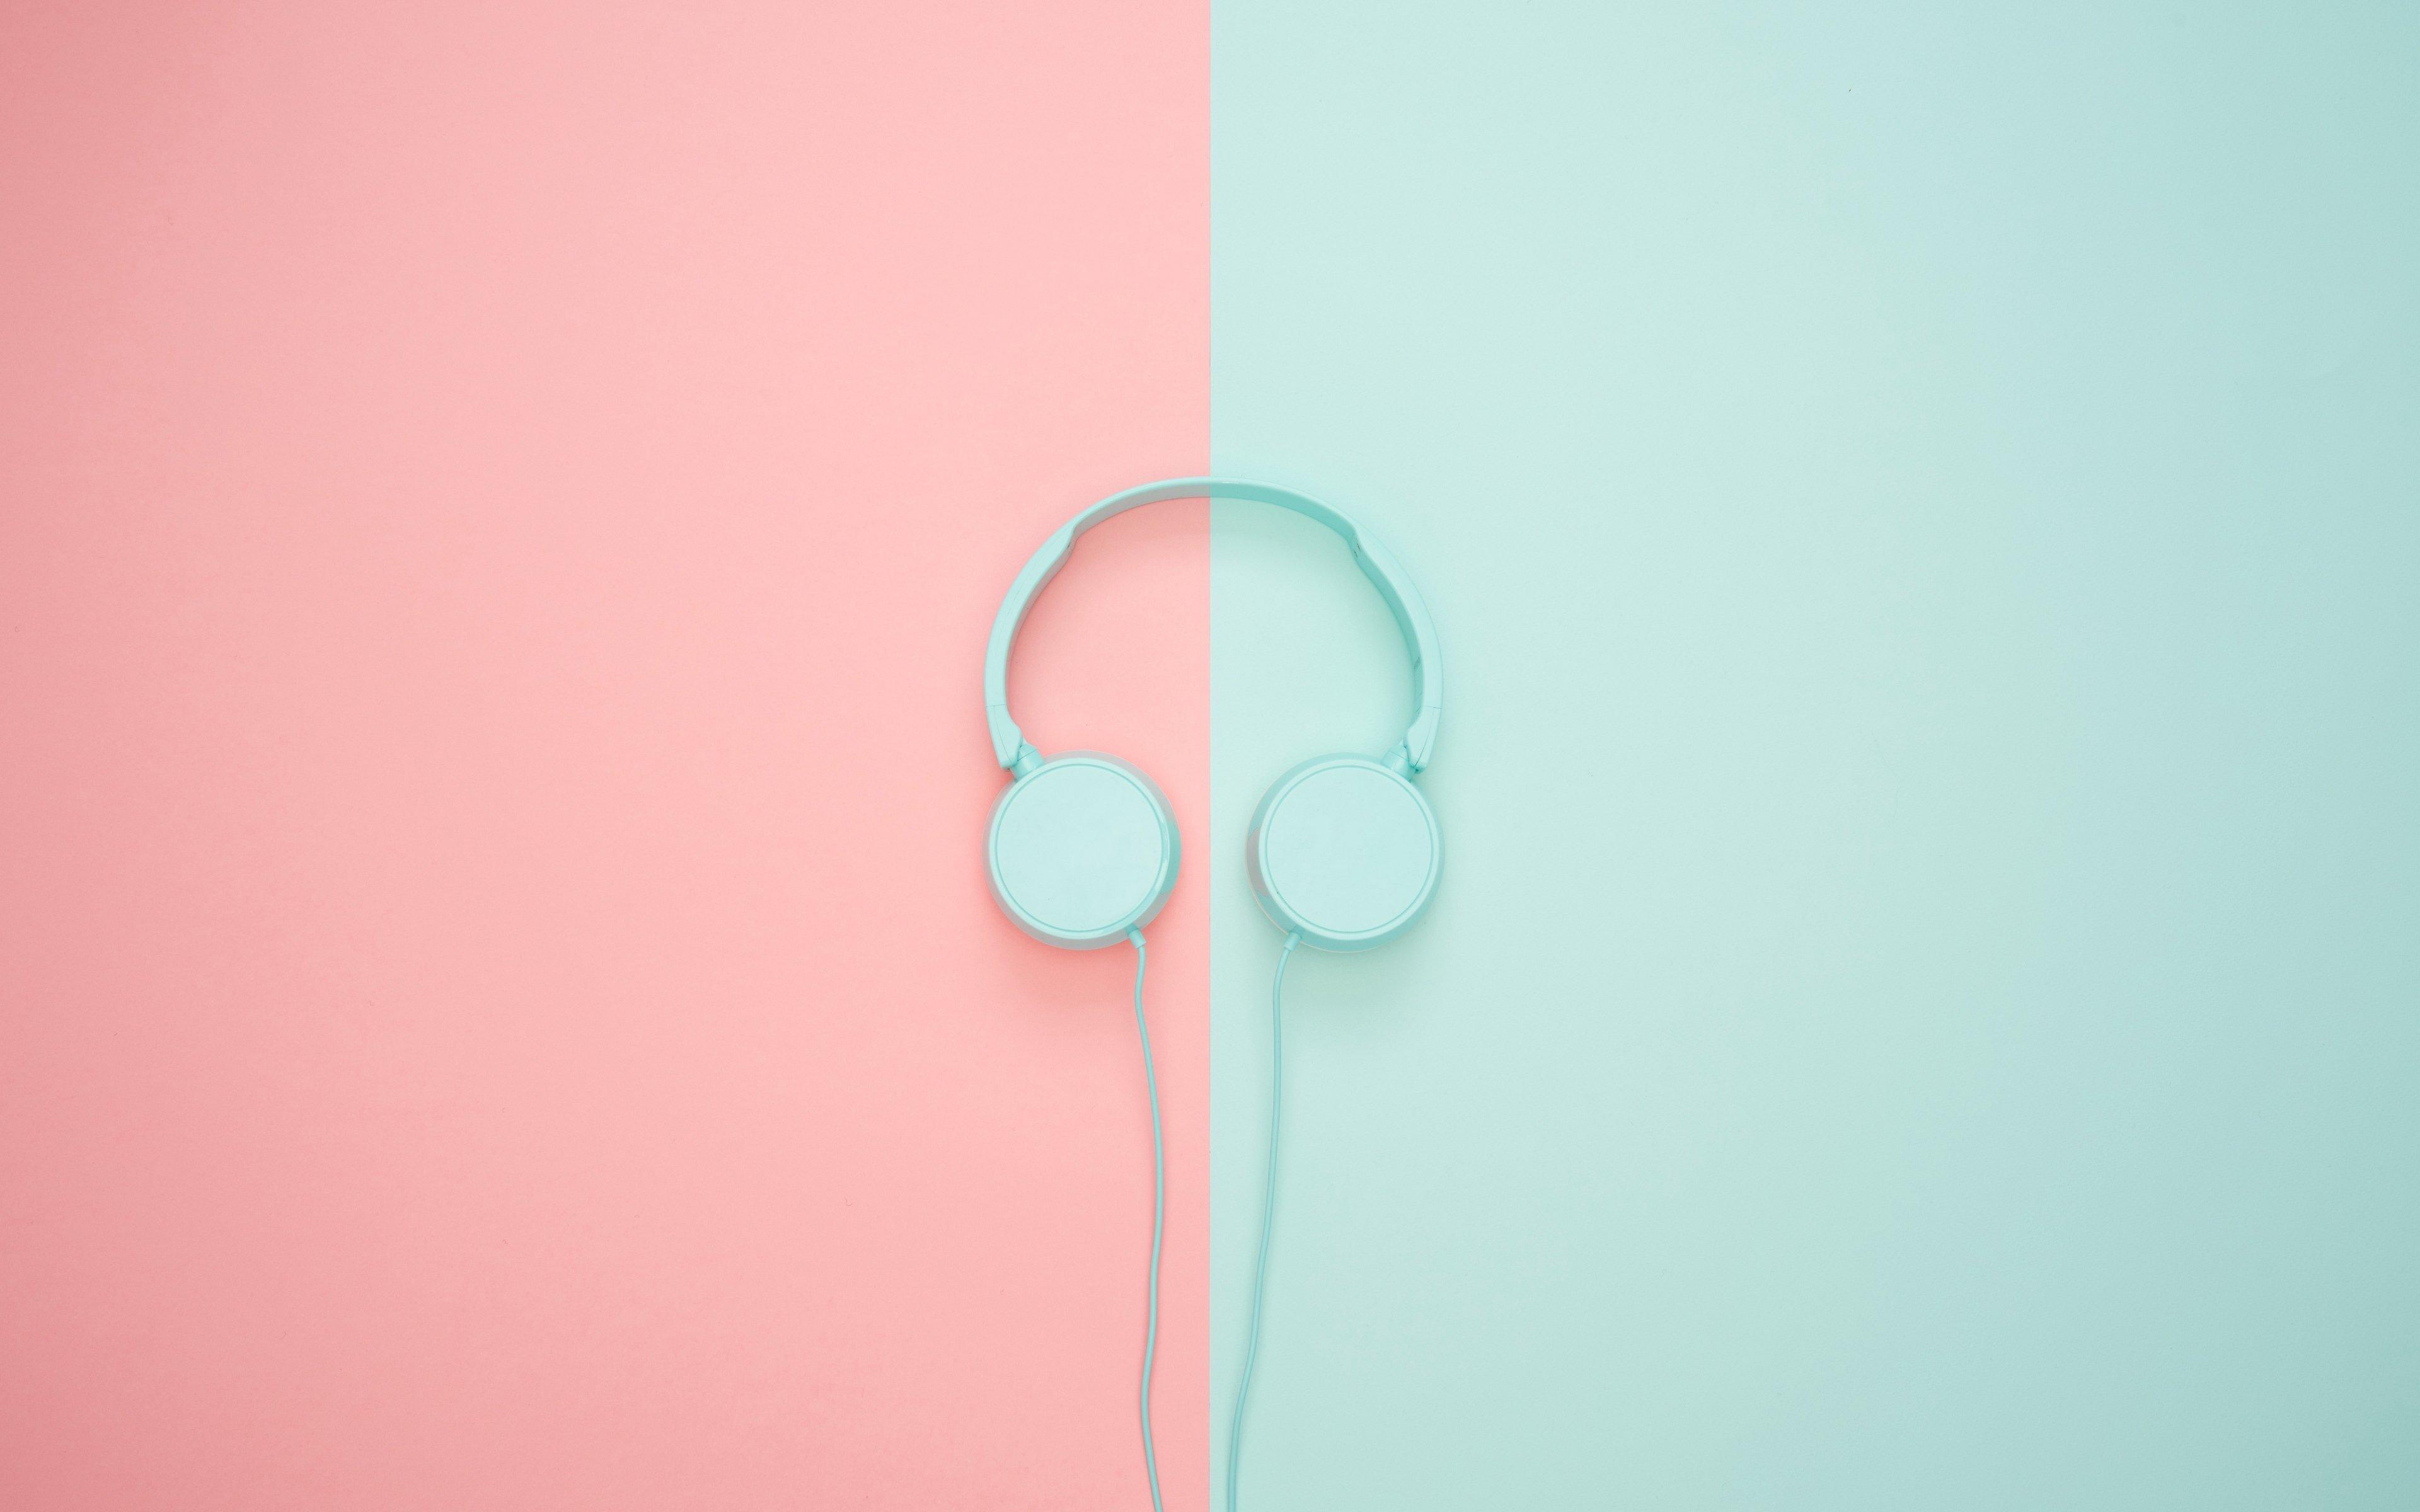 Fondos de pantalla Audífonos en rosa y azul pastel